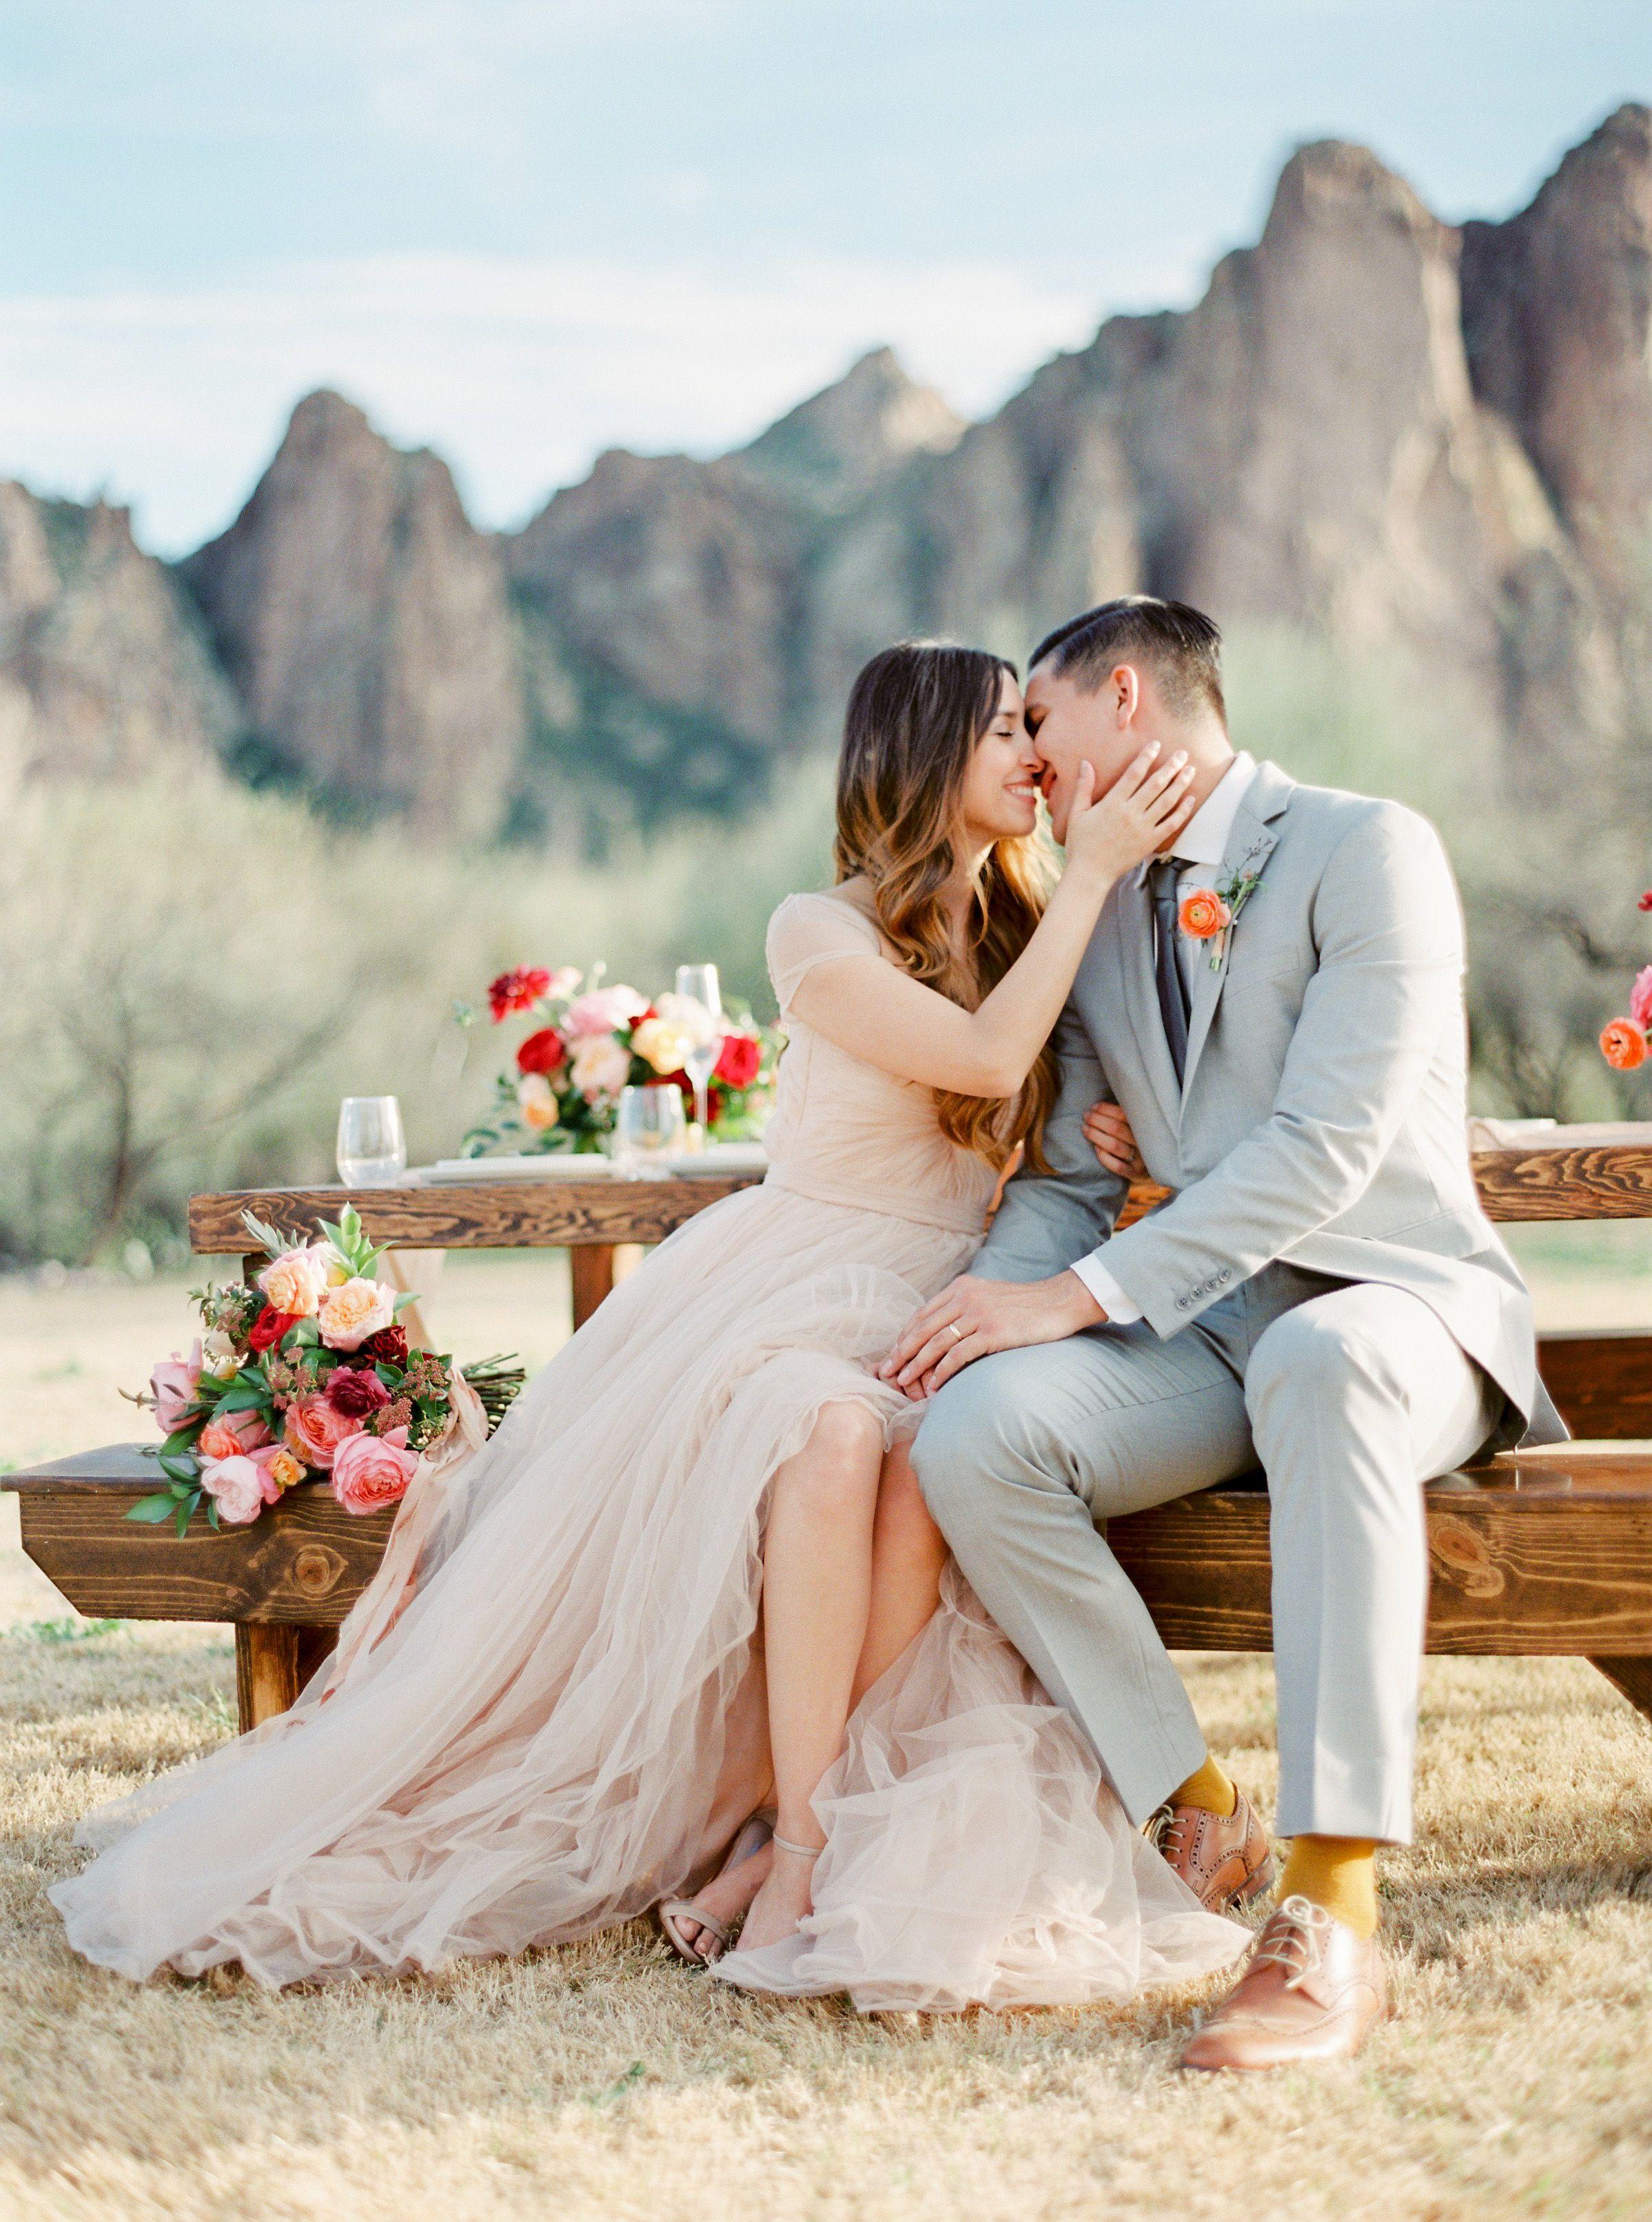 смеялись над качественные свадебные фото для уничтожения